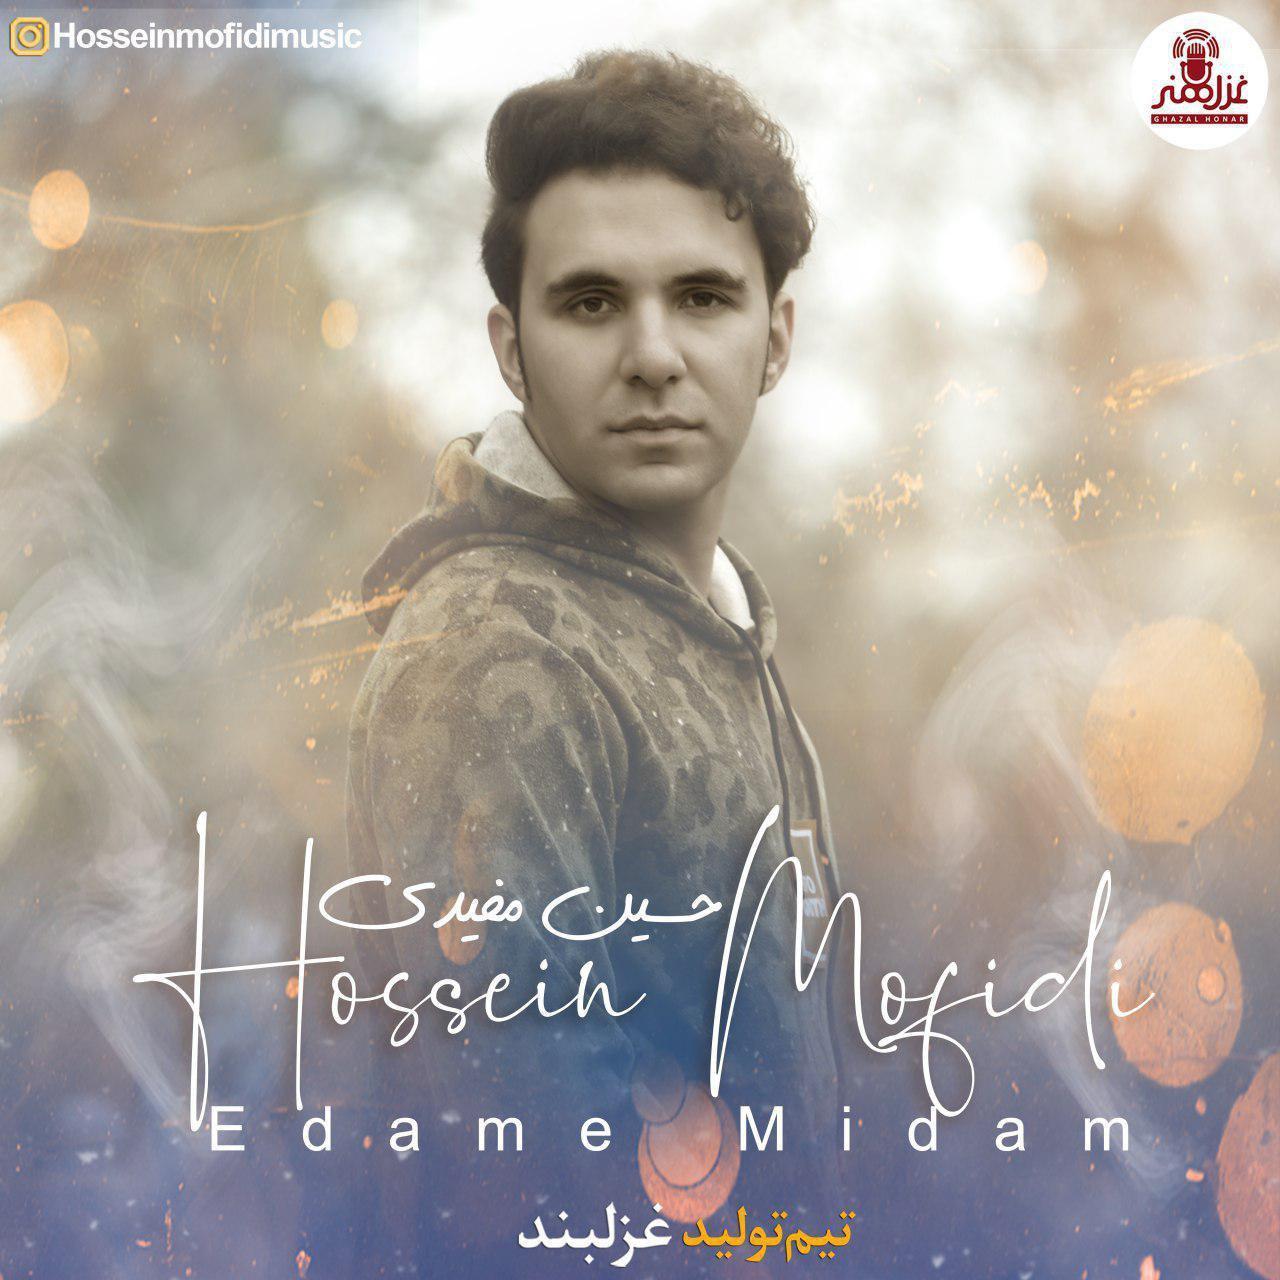 Hossein Mofidi – Edame Midam